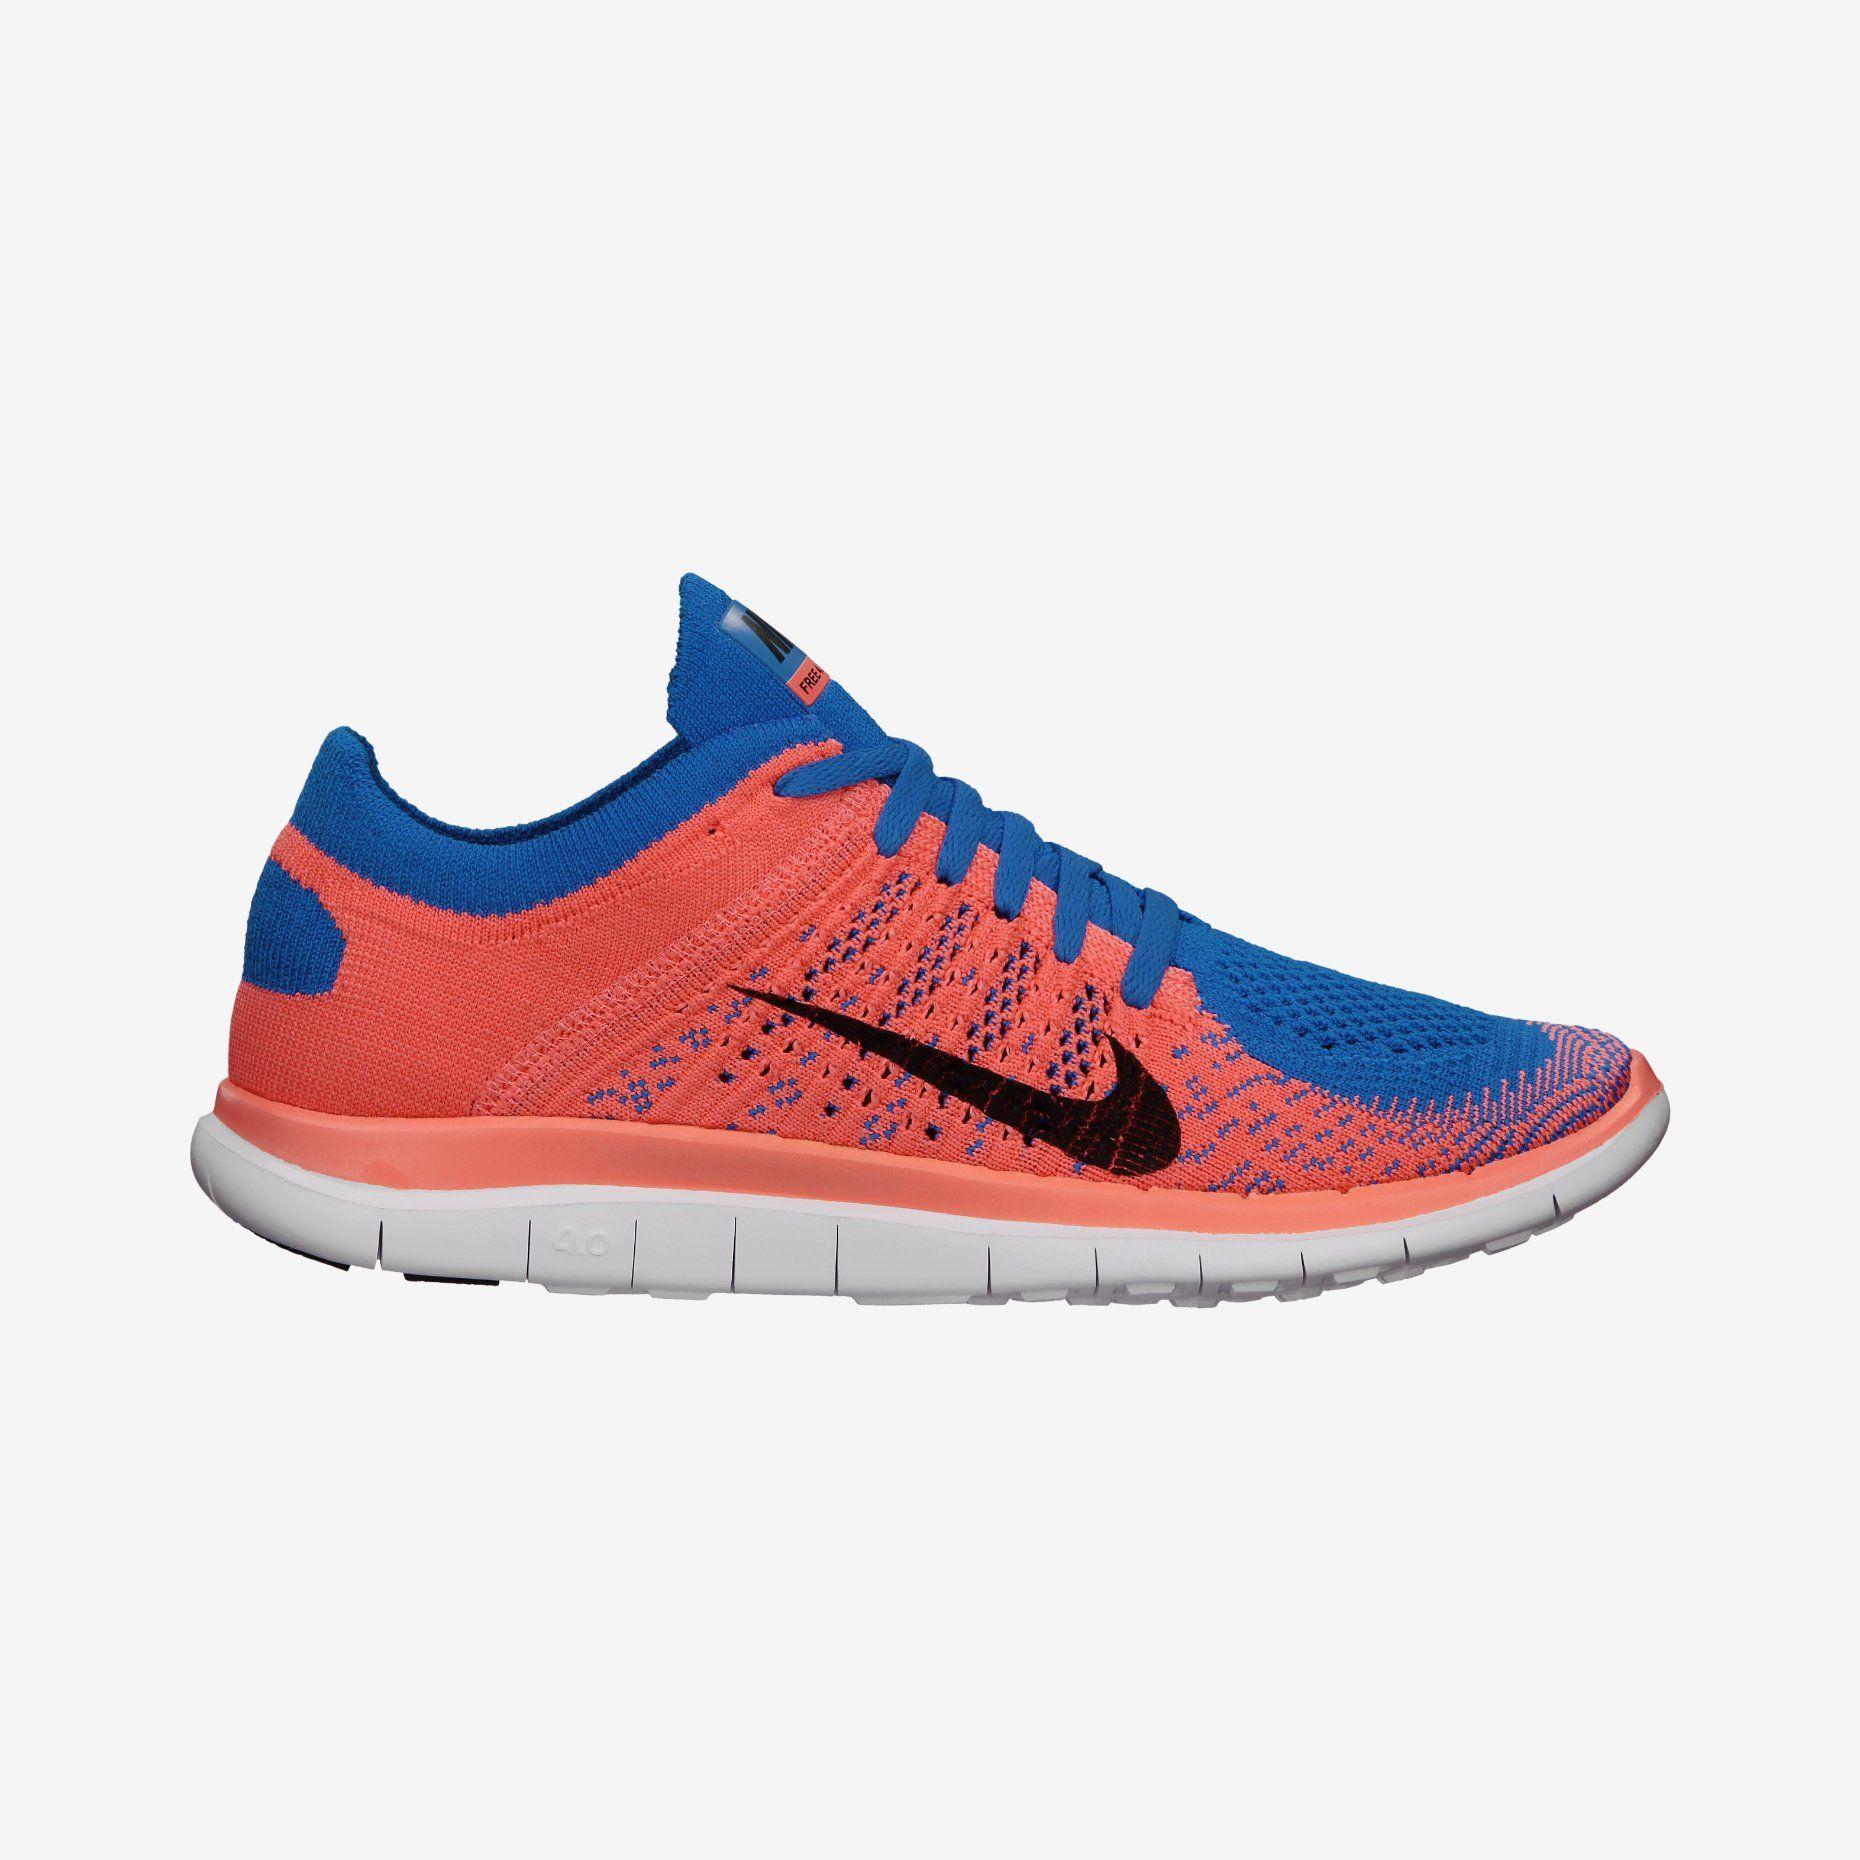 on sale 28b18 96408 Nike Free 4.0 Flyknit Women s Running Shoe.